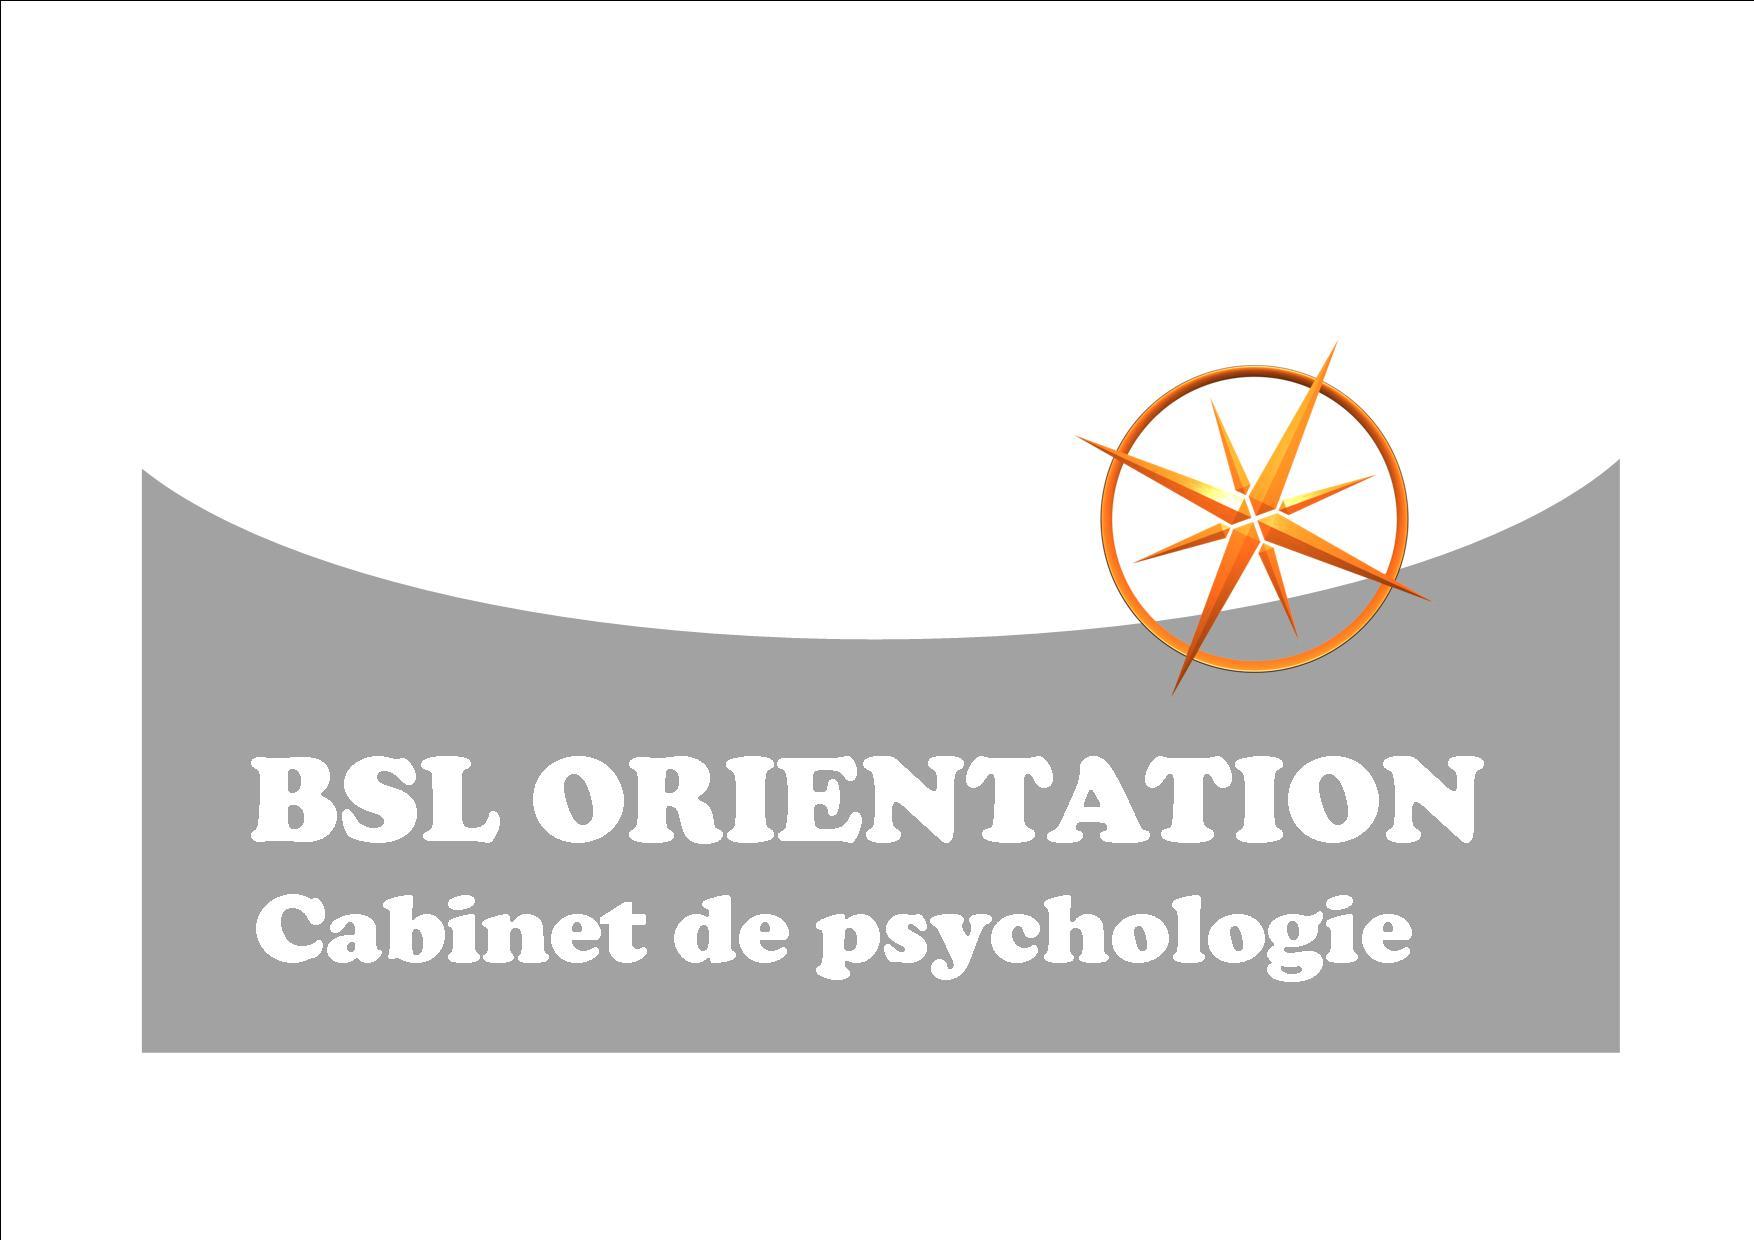 BSL ORIENTATION